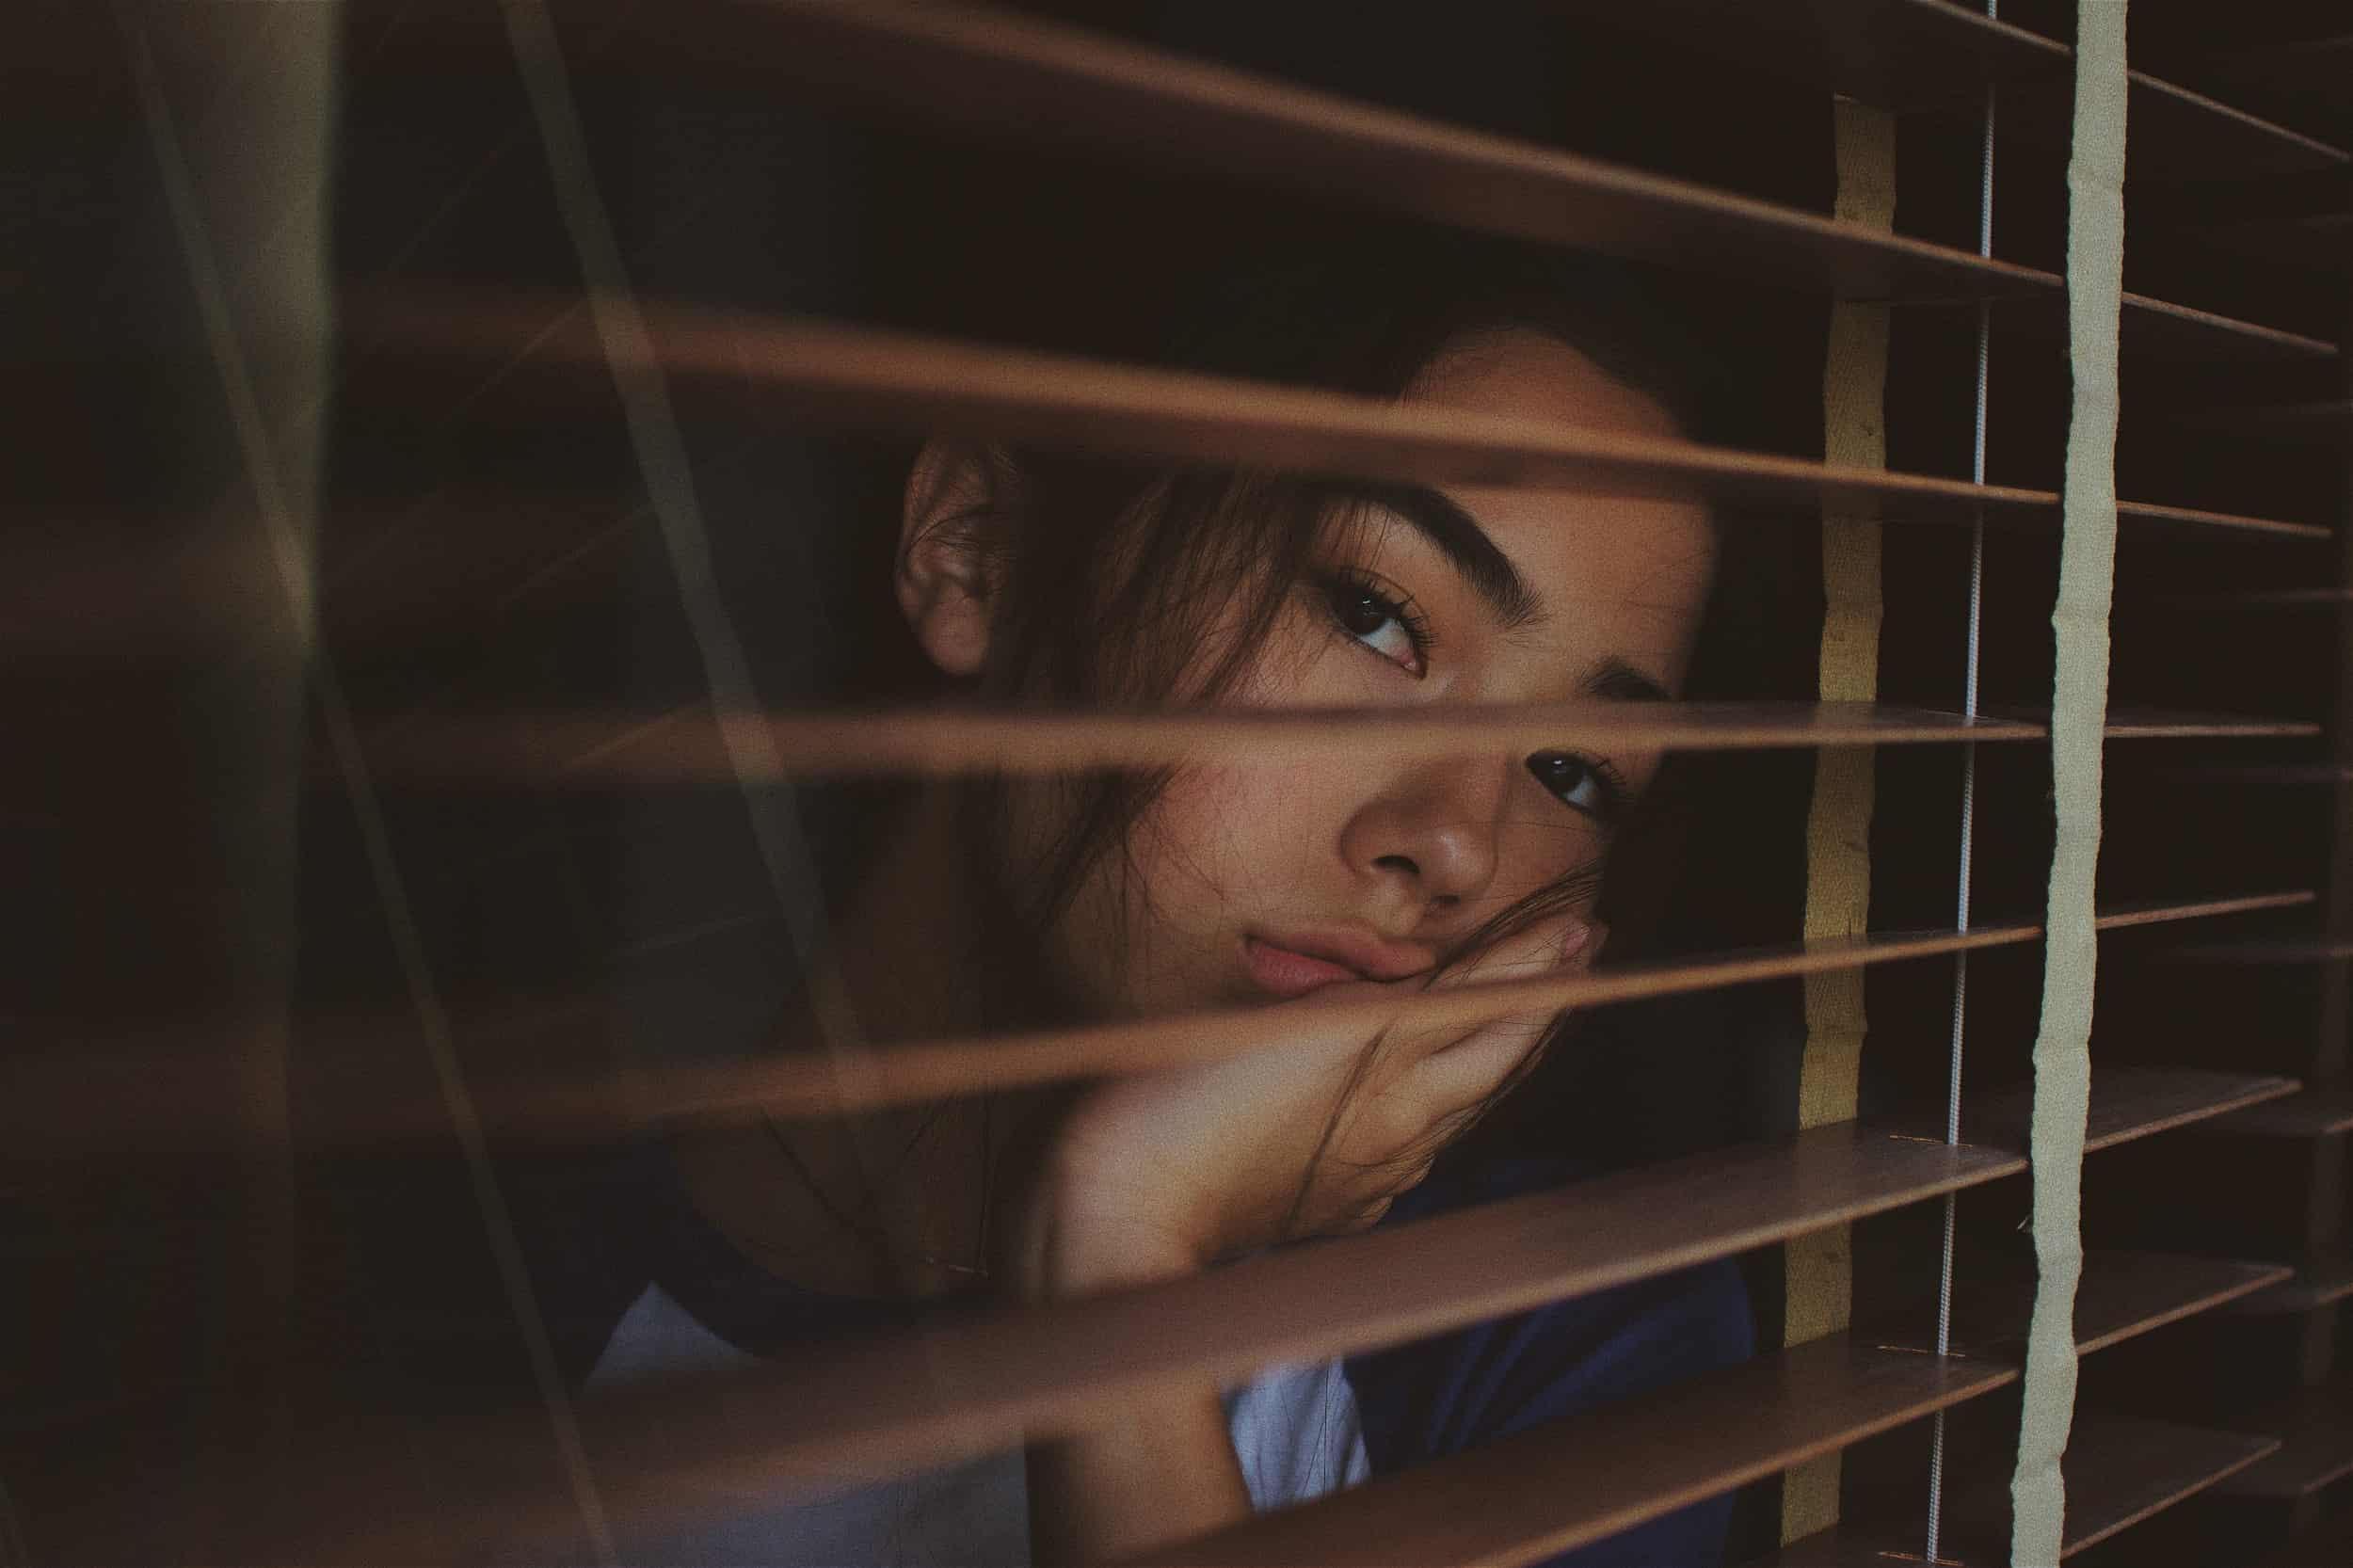 ¿Emocionalmente atrapado?  8 pasos para despegar